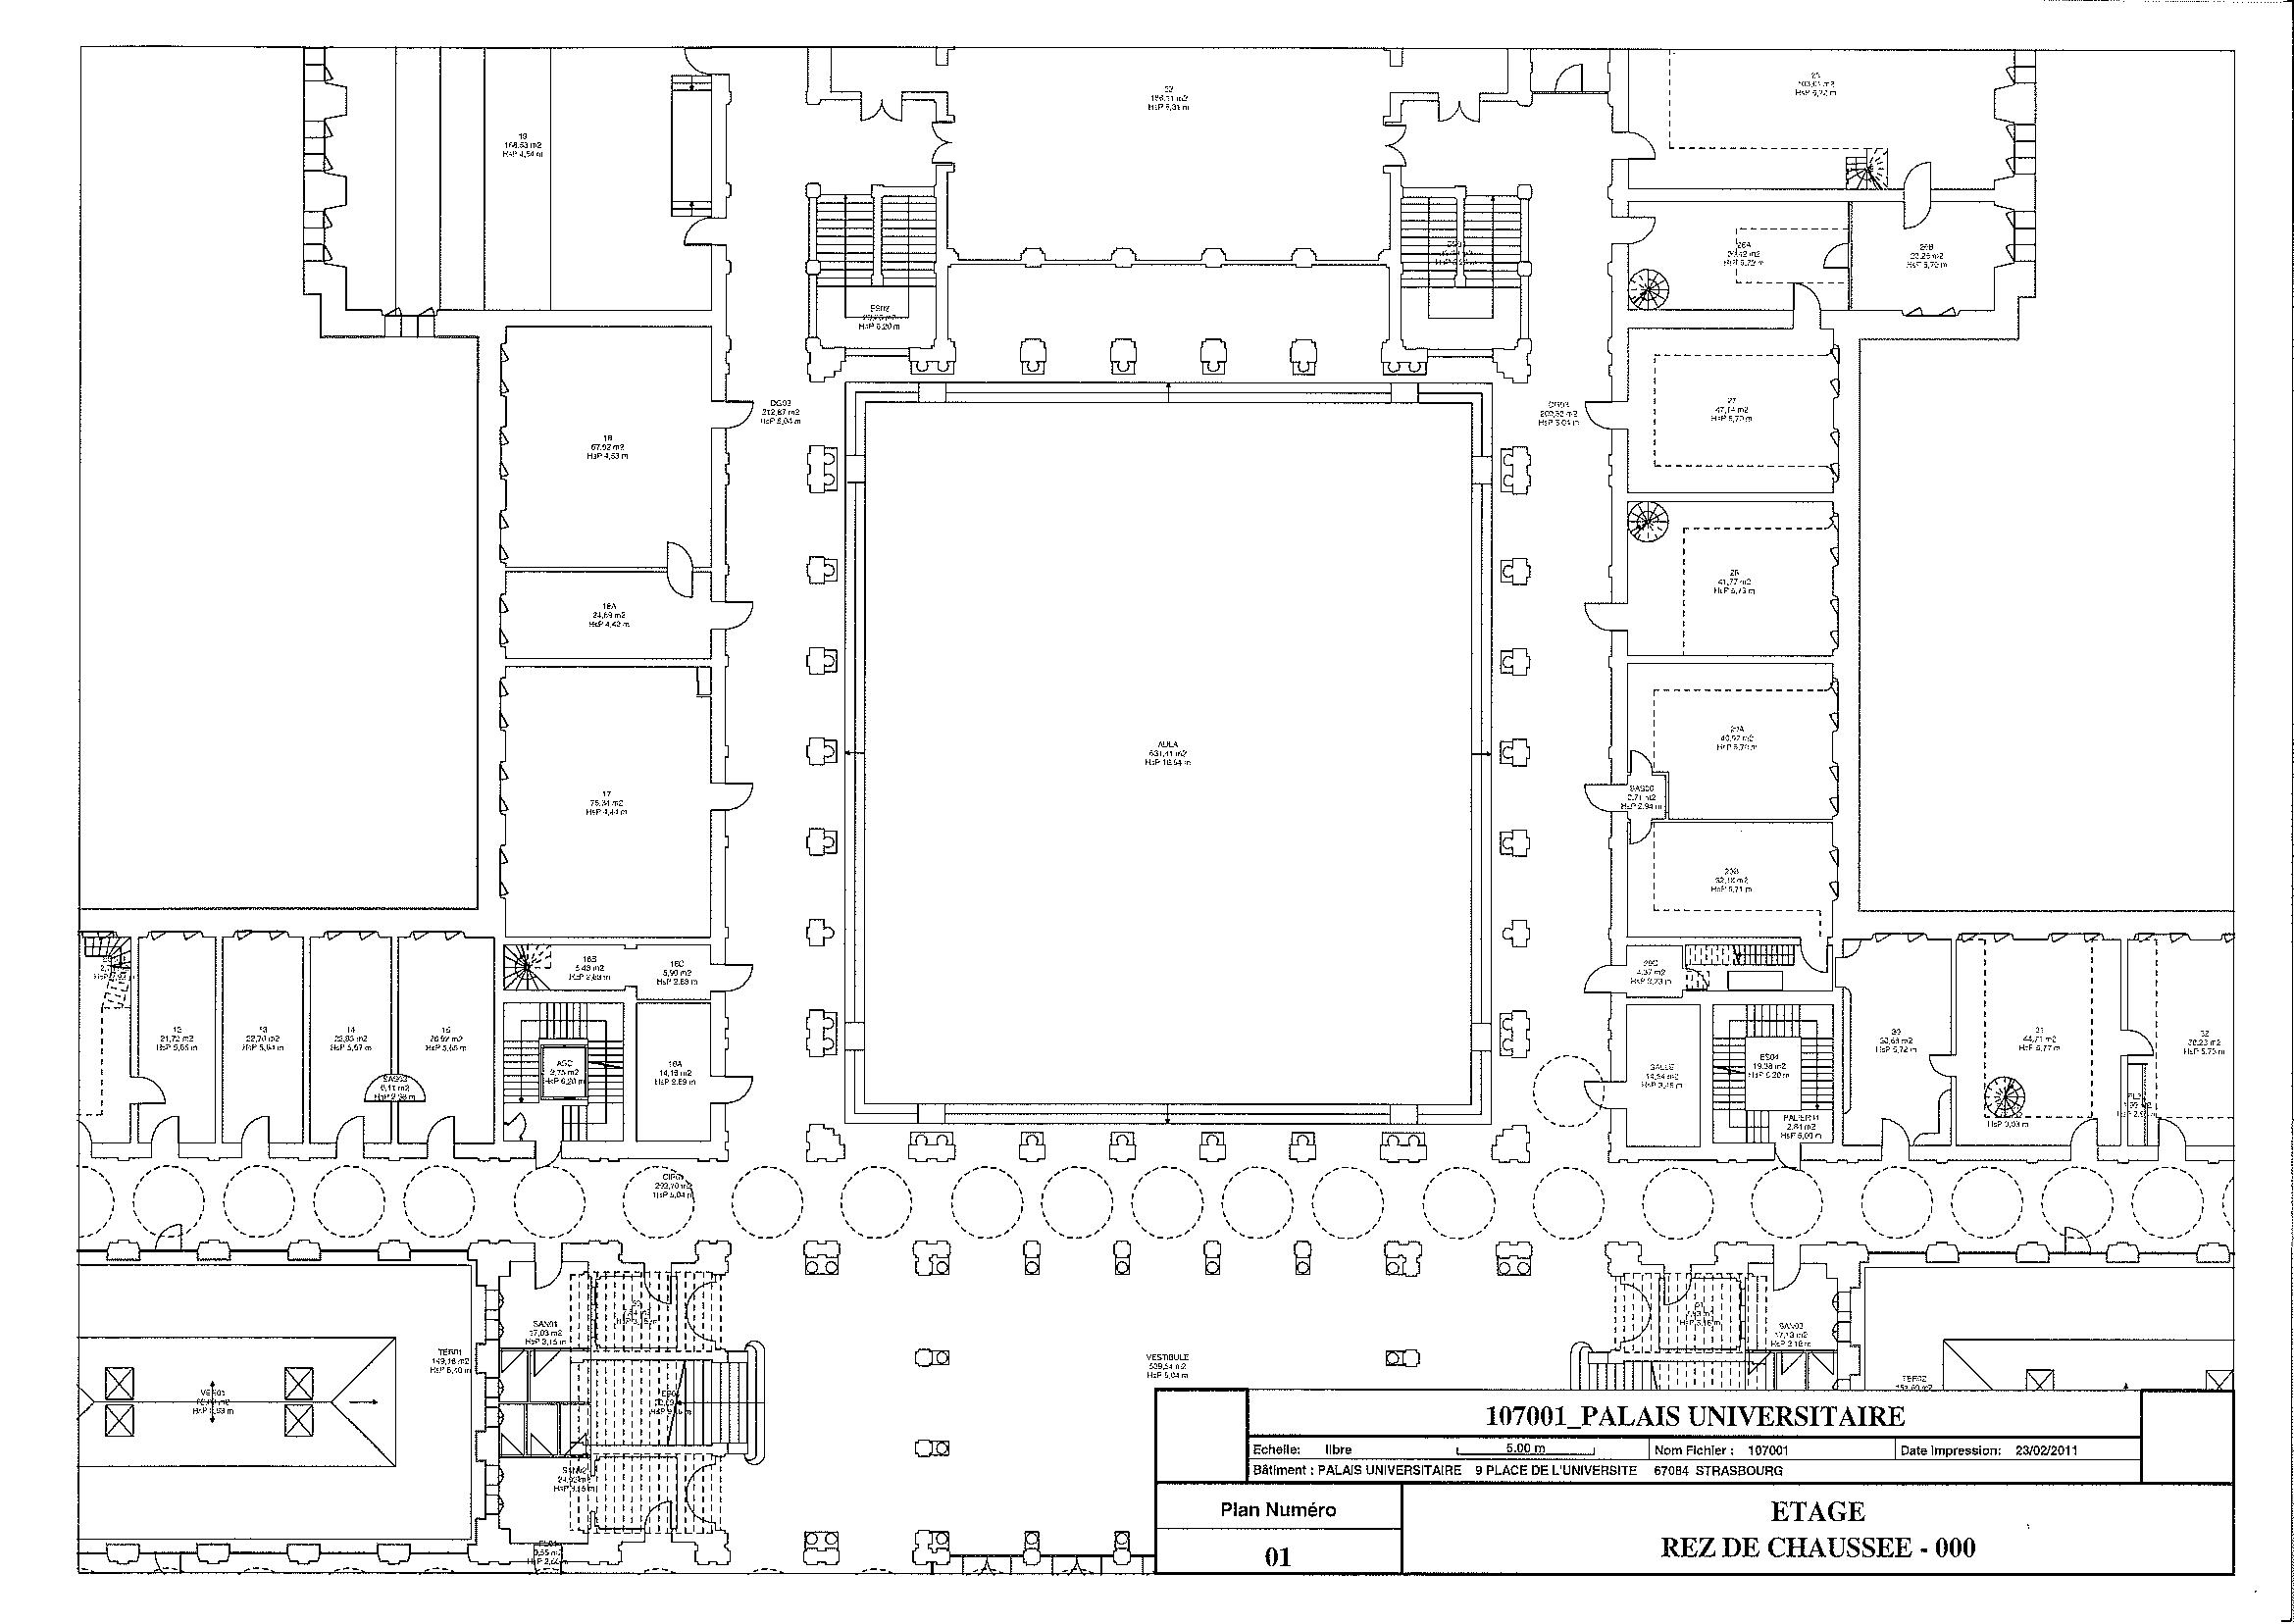 Palais U